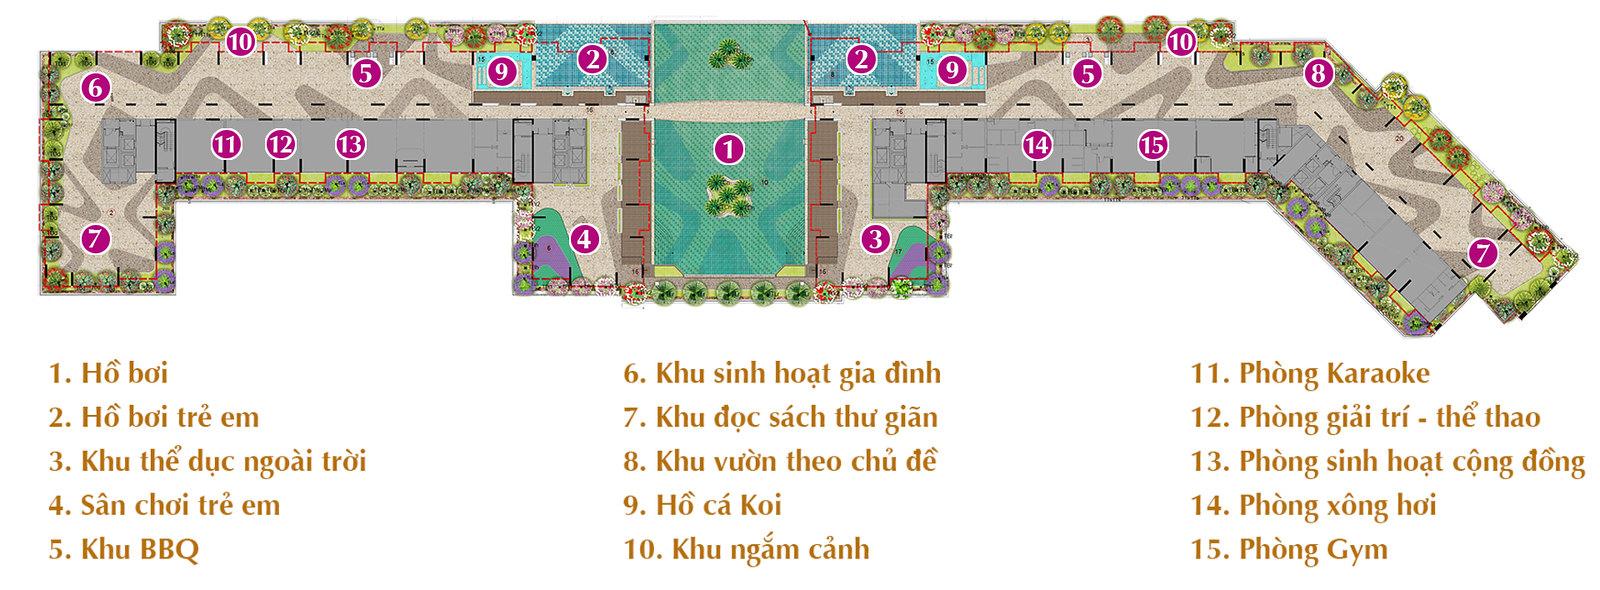 Tiện ích khu căn hộ Sarica - khu đô thị Sala